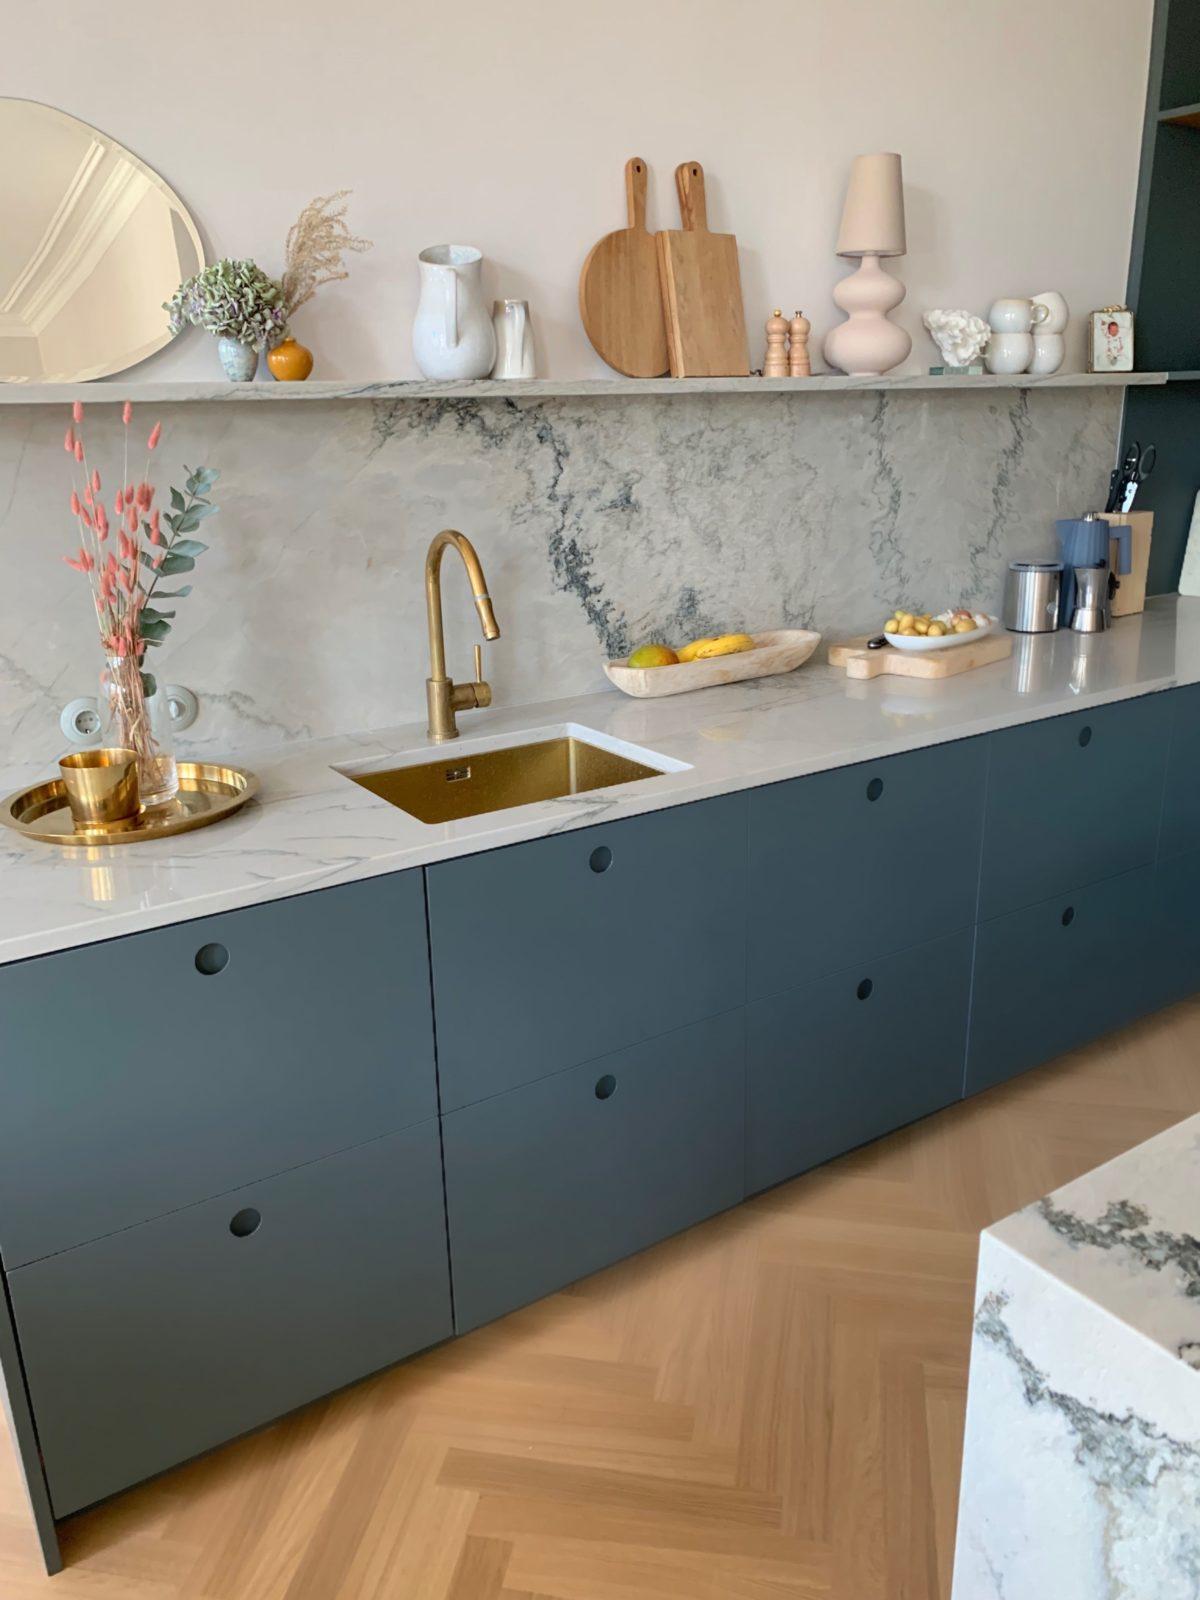 Full Size of Ikea Küchenzeile Wohnungskolumne Meine Kitchen Story So Planten Wir Unsere Miniküche Küche Kosten Sofa Mit Schlaffunktion Kaufen Betten Bei 160x200 Wohnzimmer Ikea Küchenzeile